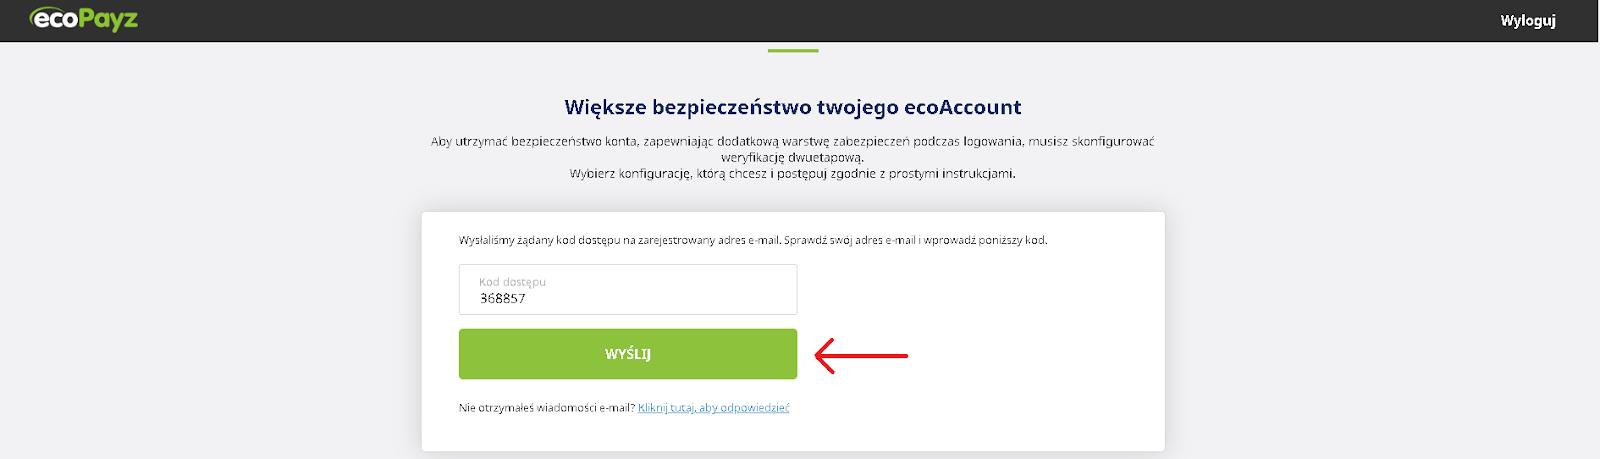 ecoPayz - Po wpisaniu otrzymanego kodu klikamy przycisk wyślij